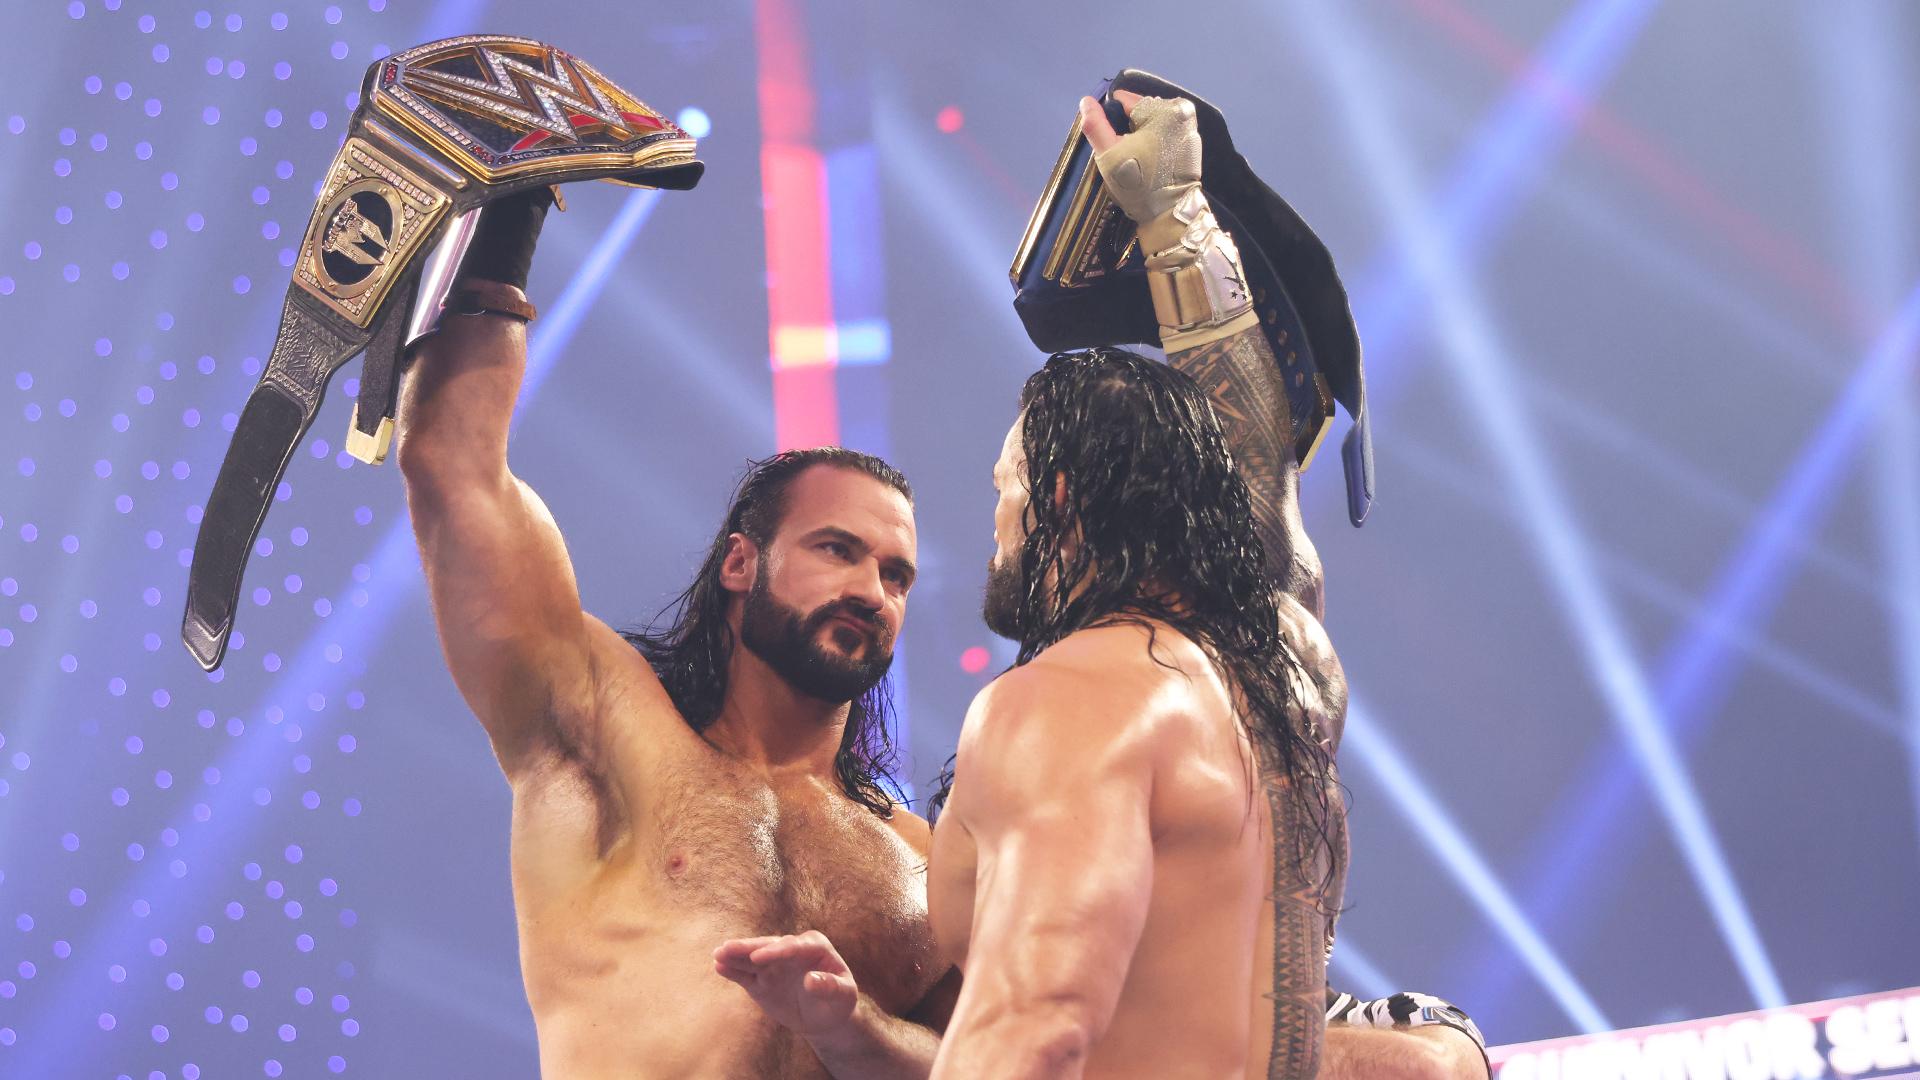 Roman Reigns vence luta brutal frente a Drew McIntyre mas não impede vitória do RAW no Survivor Series